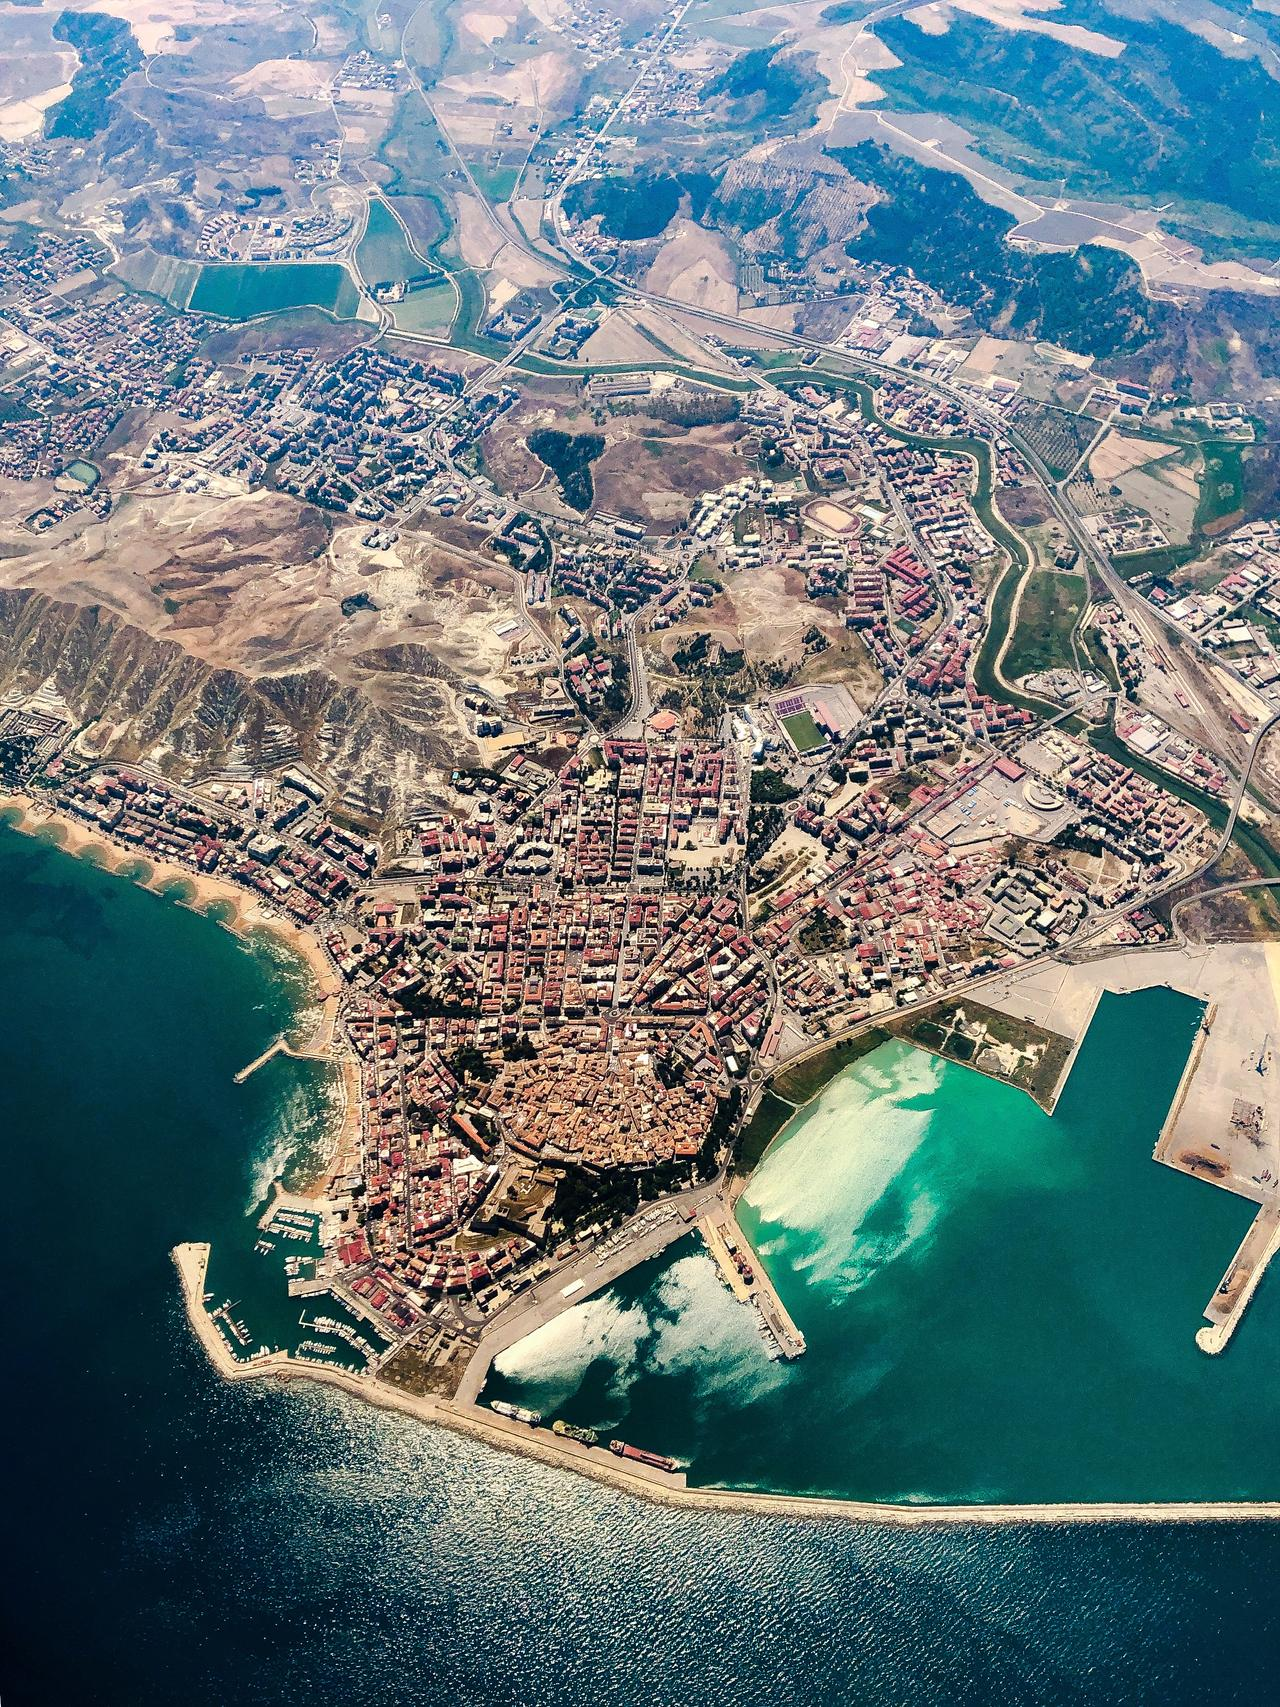 """Crotone von oben. Links sieht man die Strandpromenade """"Lungomare Di Crotone""""."""